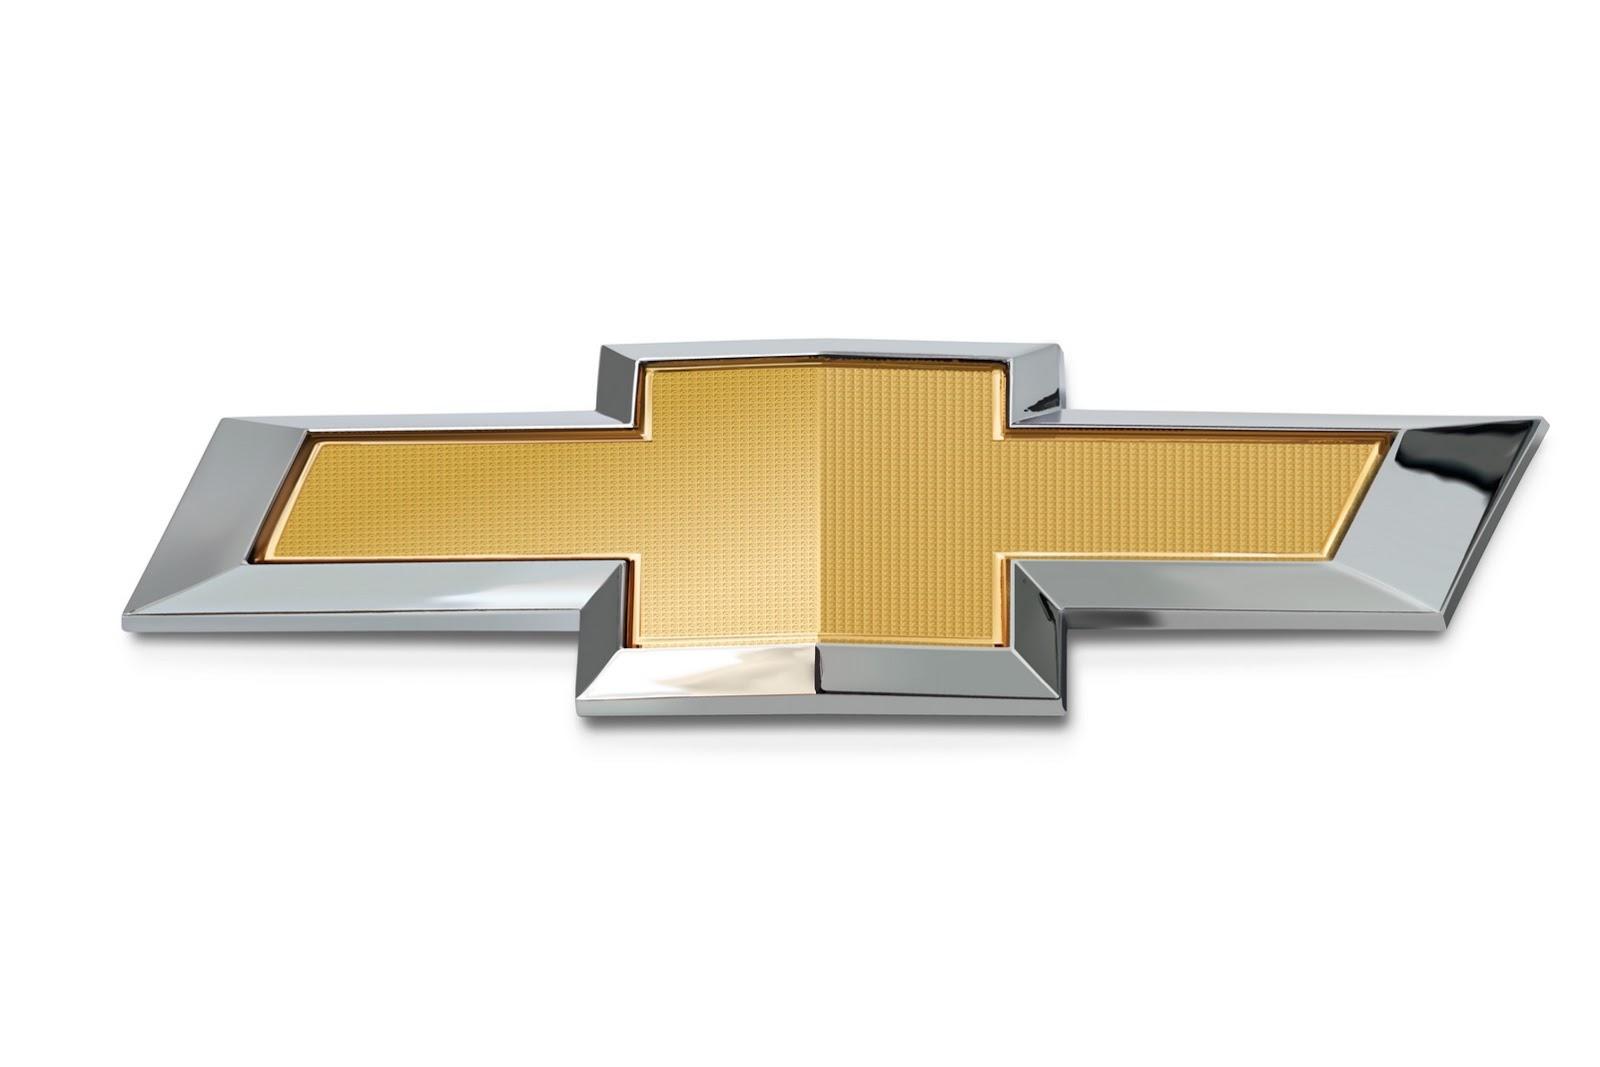 100 năm lịch sử biểu tượng Bowtie Chevrolet